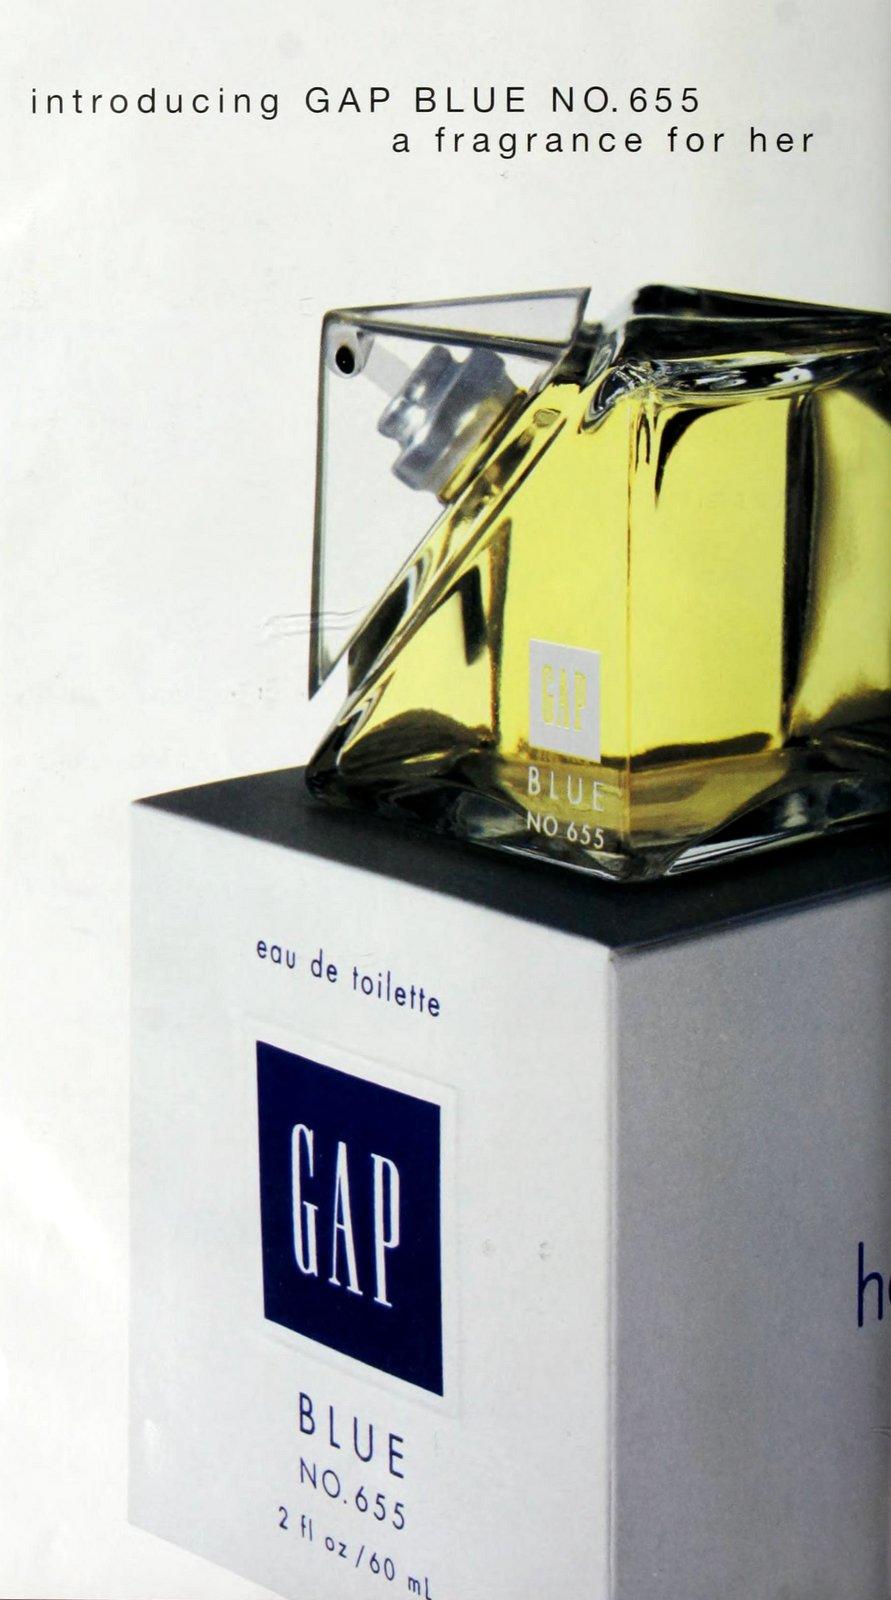 Gap Blue No 655 fragrance for her (1995) at ClickAmericana com